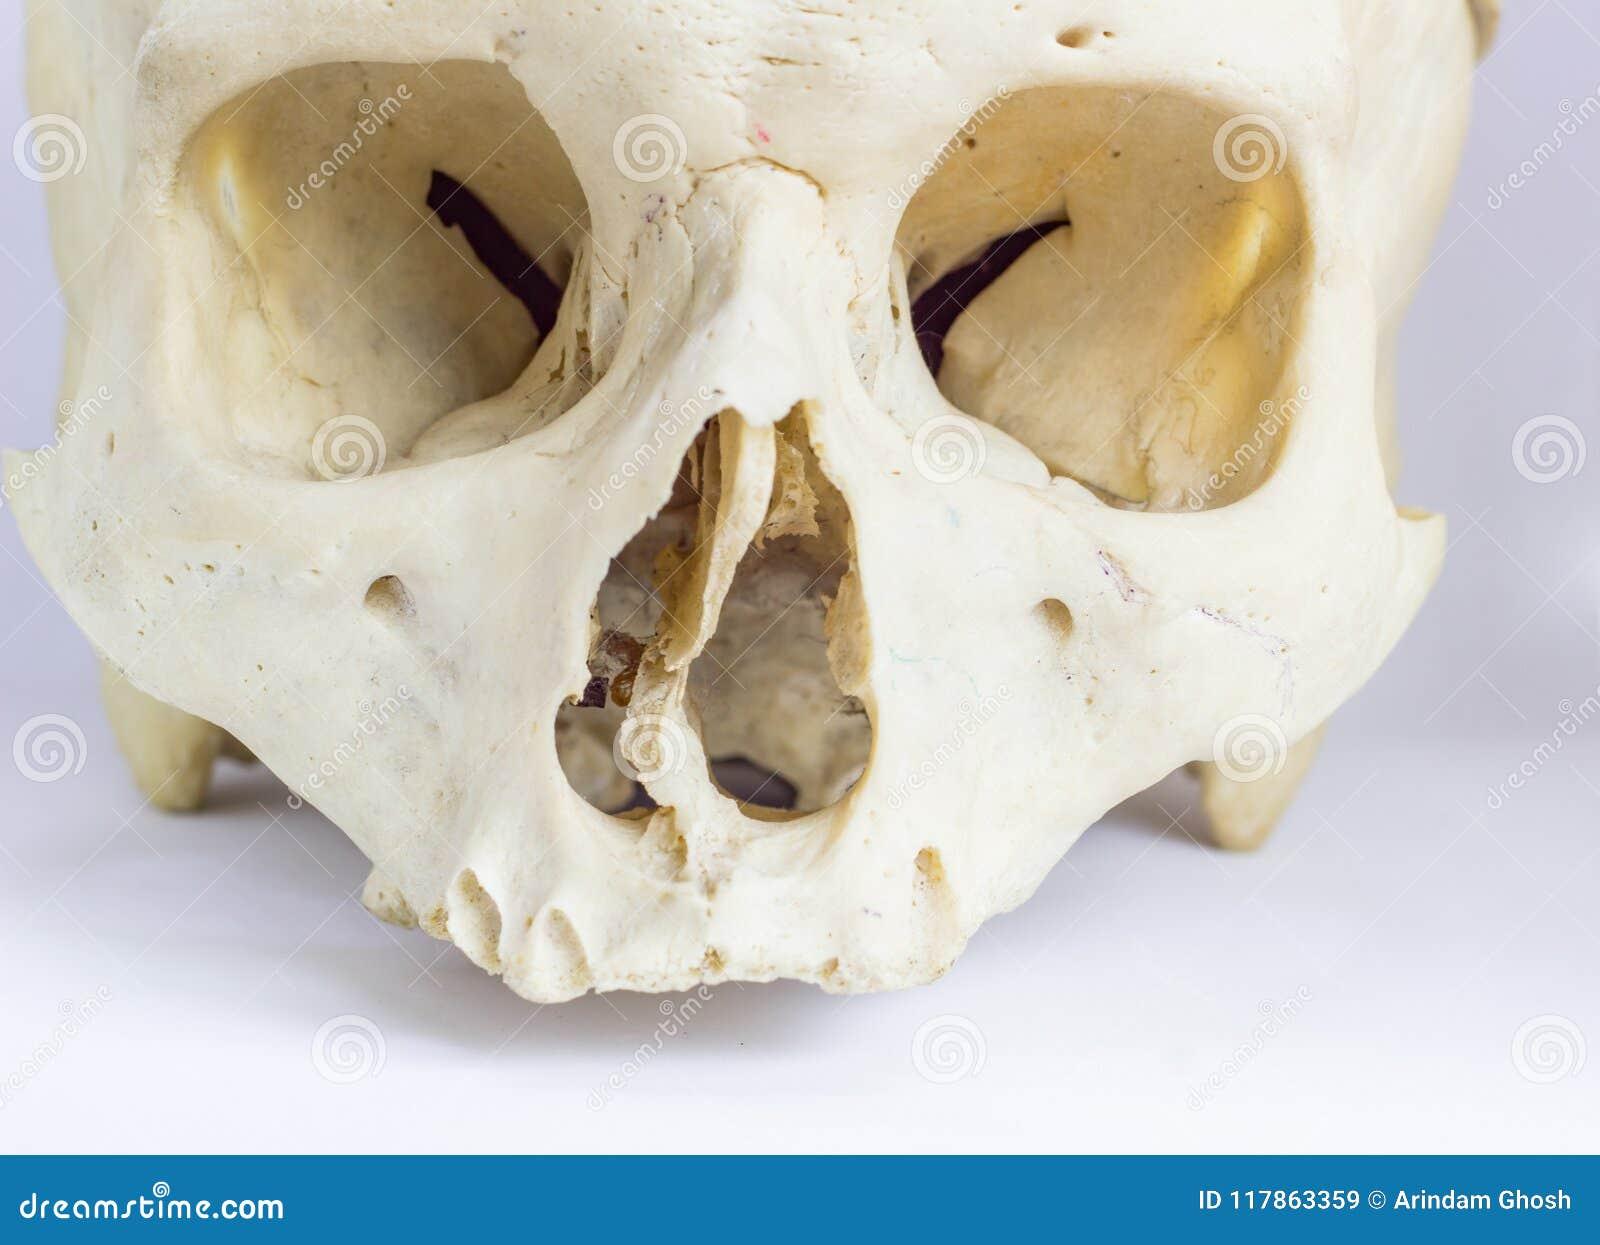 Chiuda sulla macro vista dell osso umano del cranio che mostra l anatomia dell orifizio nasale, del setto nasale e della cavità o